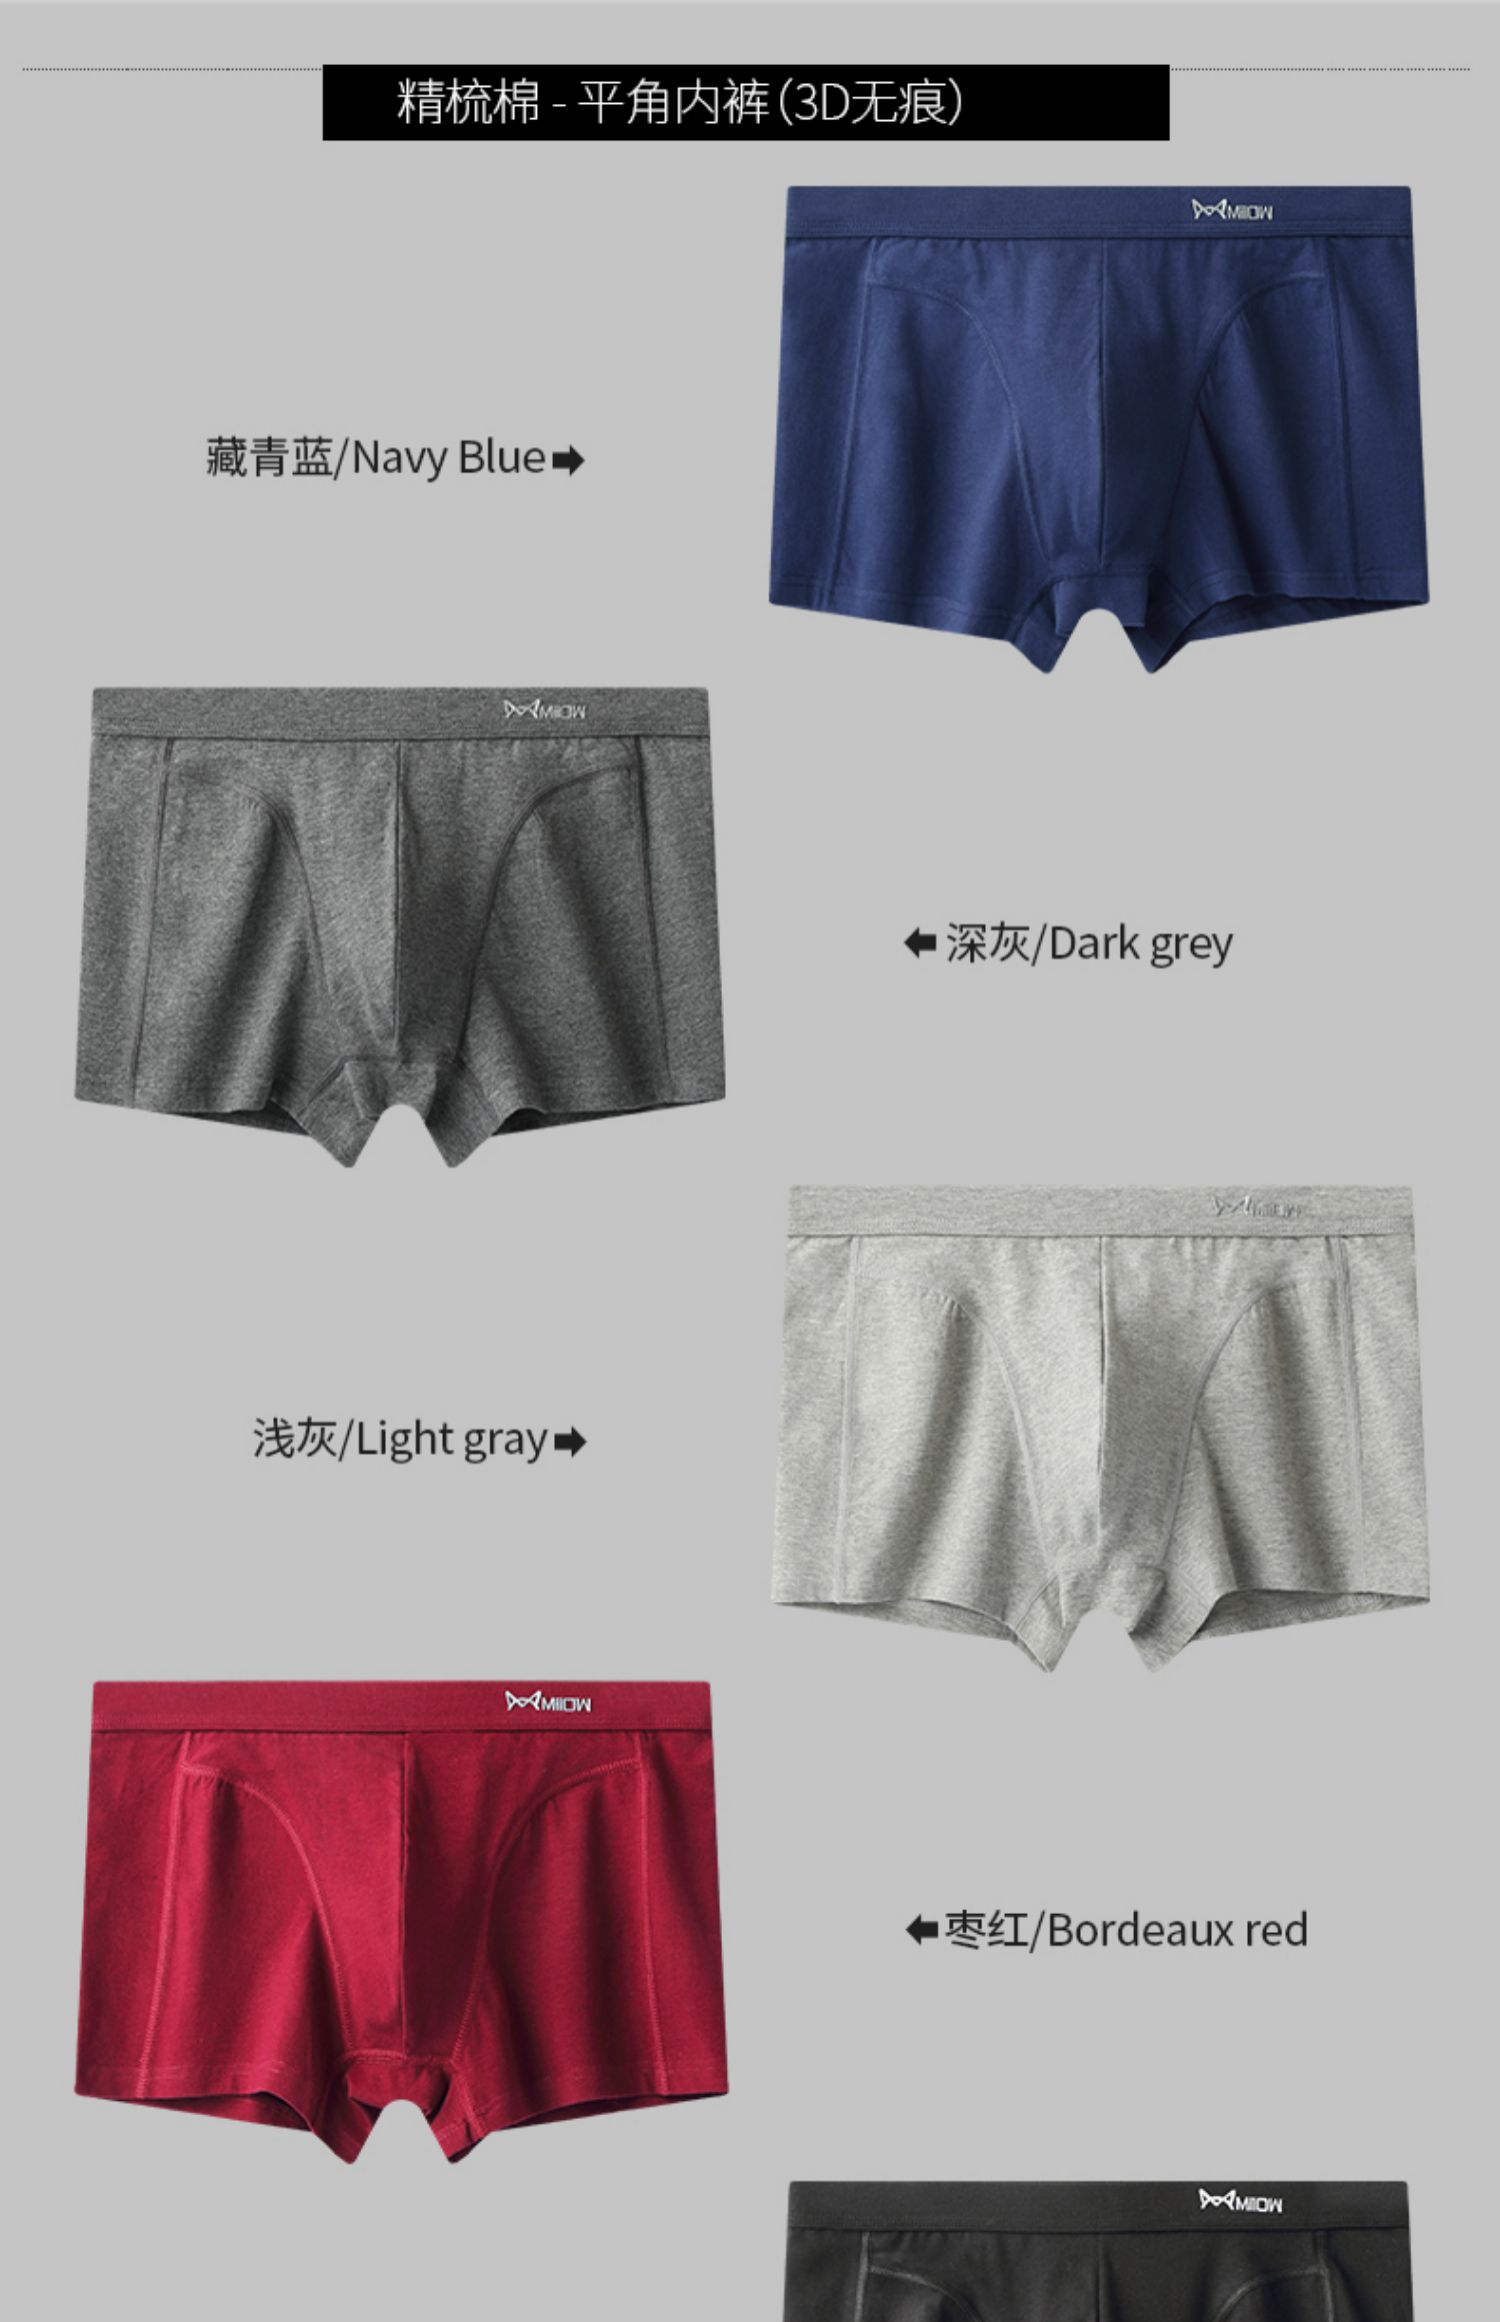 猫人男士内裤男纯棉抗菌平角裤3D无痕男生大码U凸四角裤头透气商品详情图